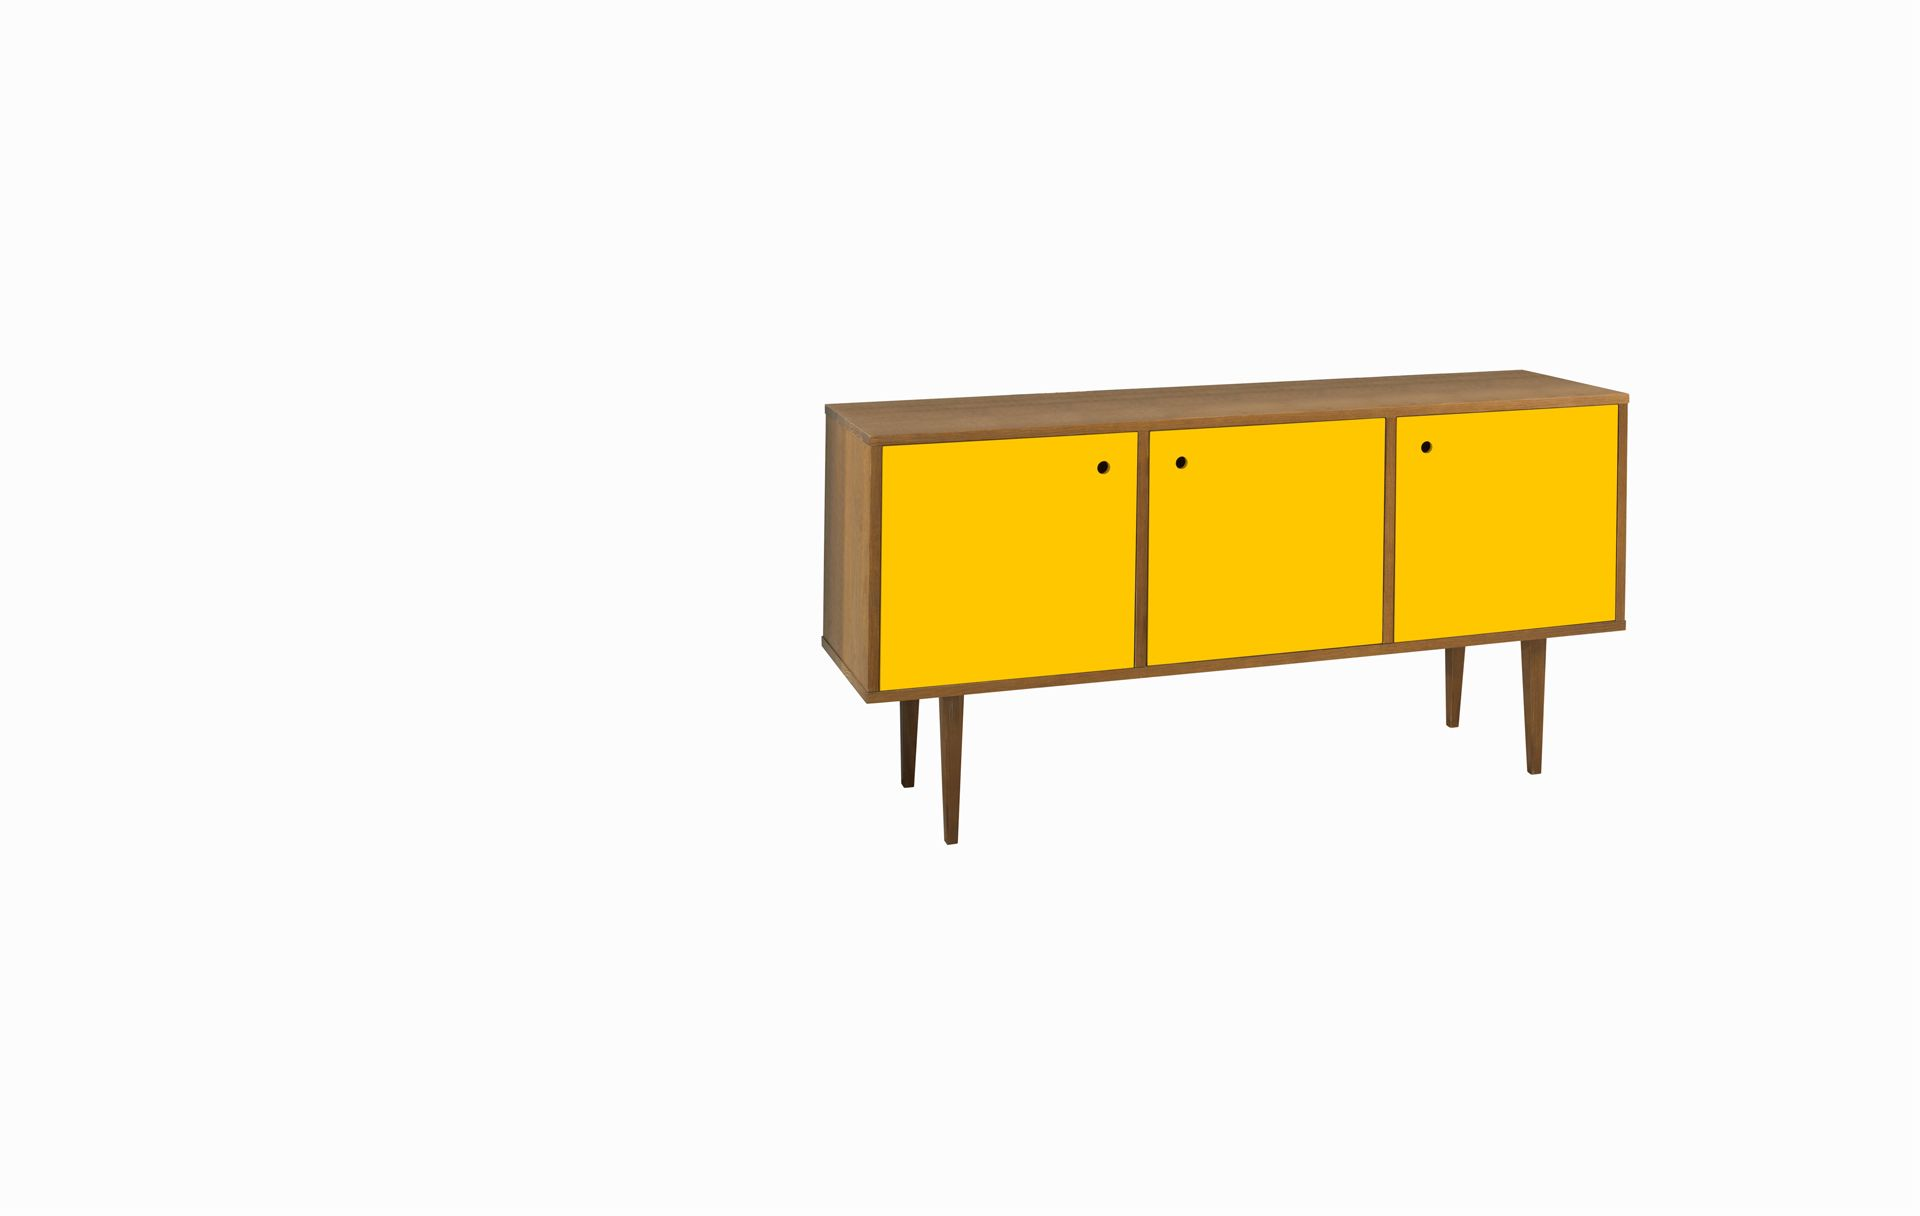 Buffet Amarelo Bonfim - Estilo Retrô   MUMA - Móveis e objetos de design assinado - Entrega em todo o Brasil